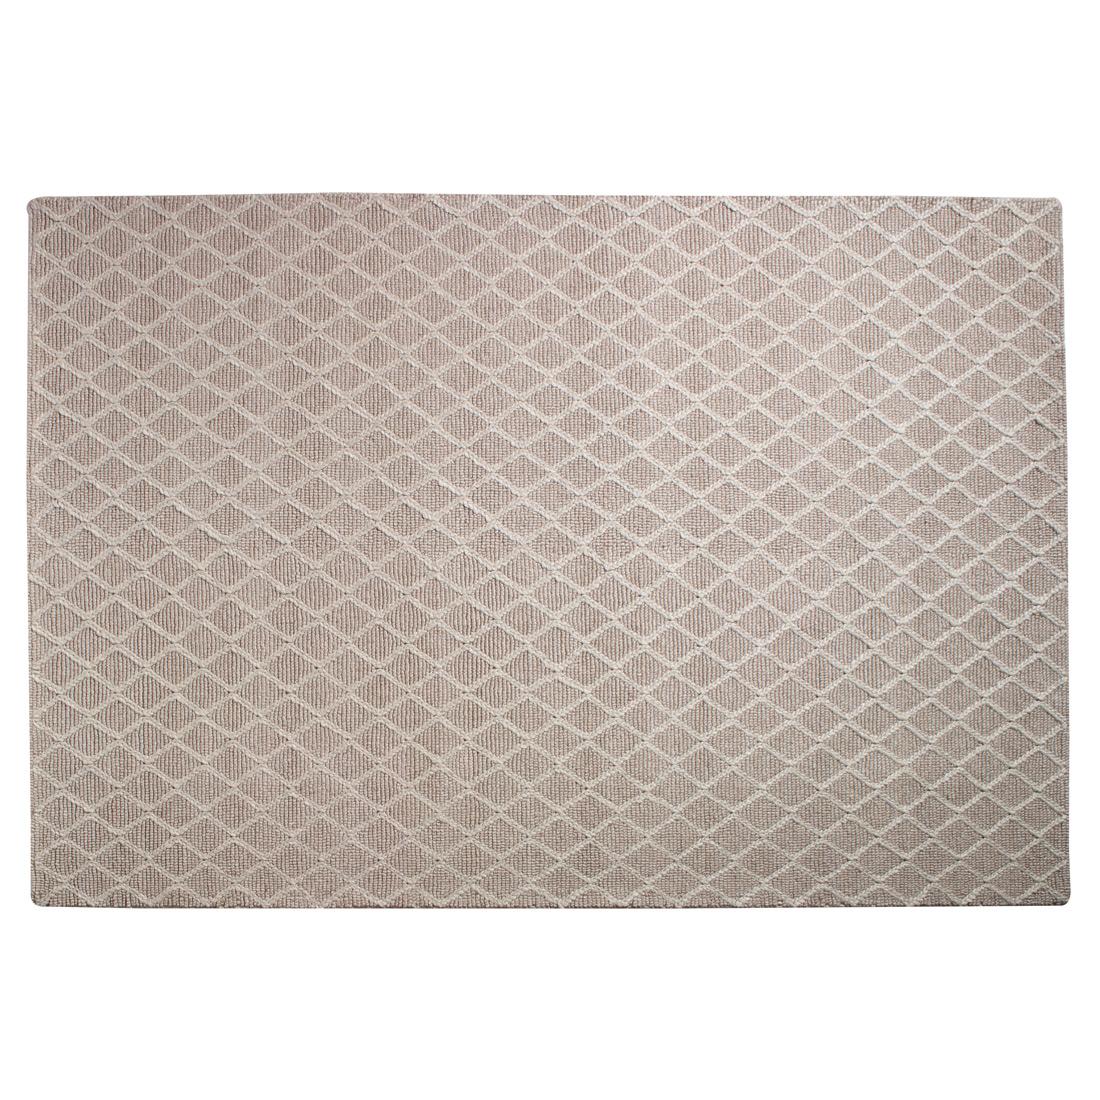 Vloerkleed Xilento Maestro Beige White | 200 x 300 cm